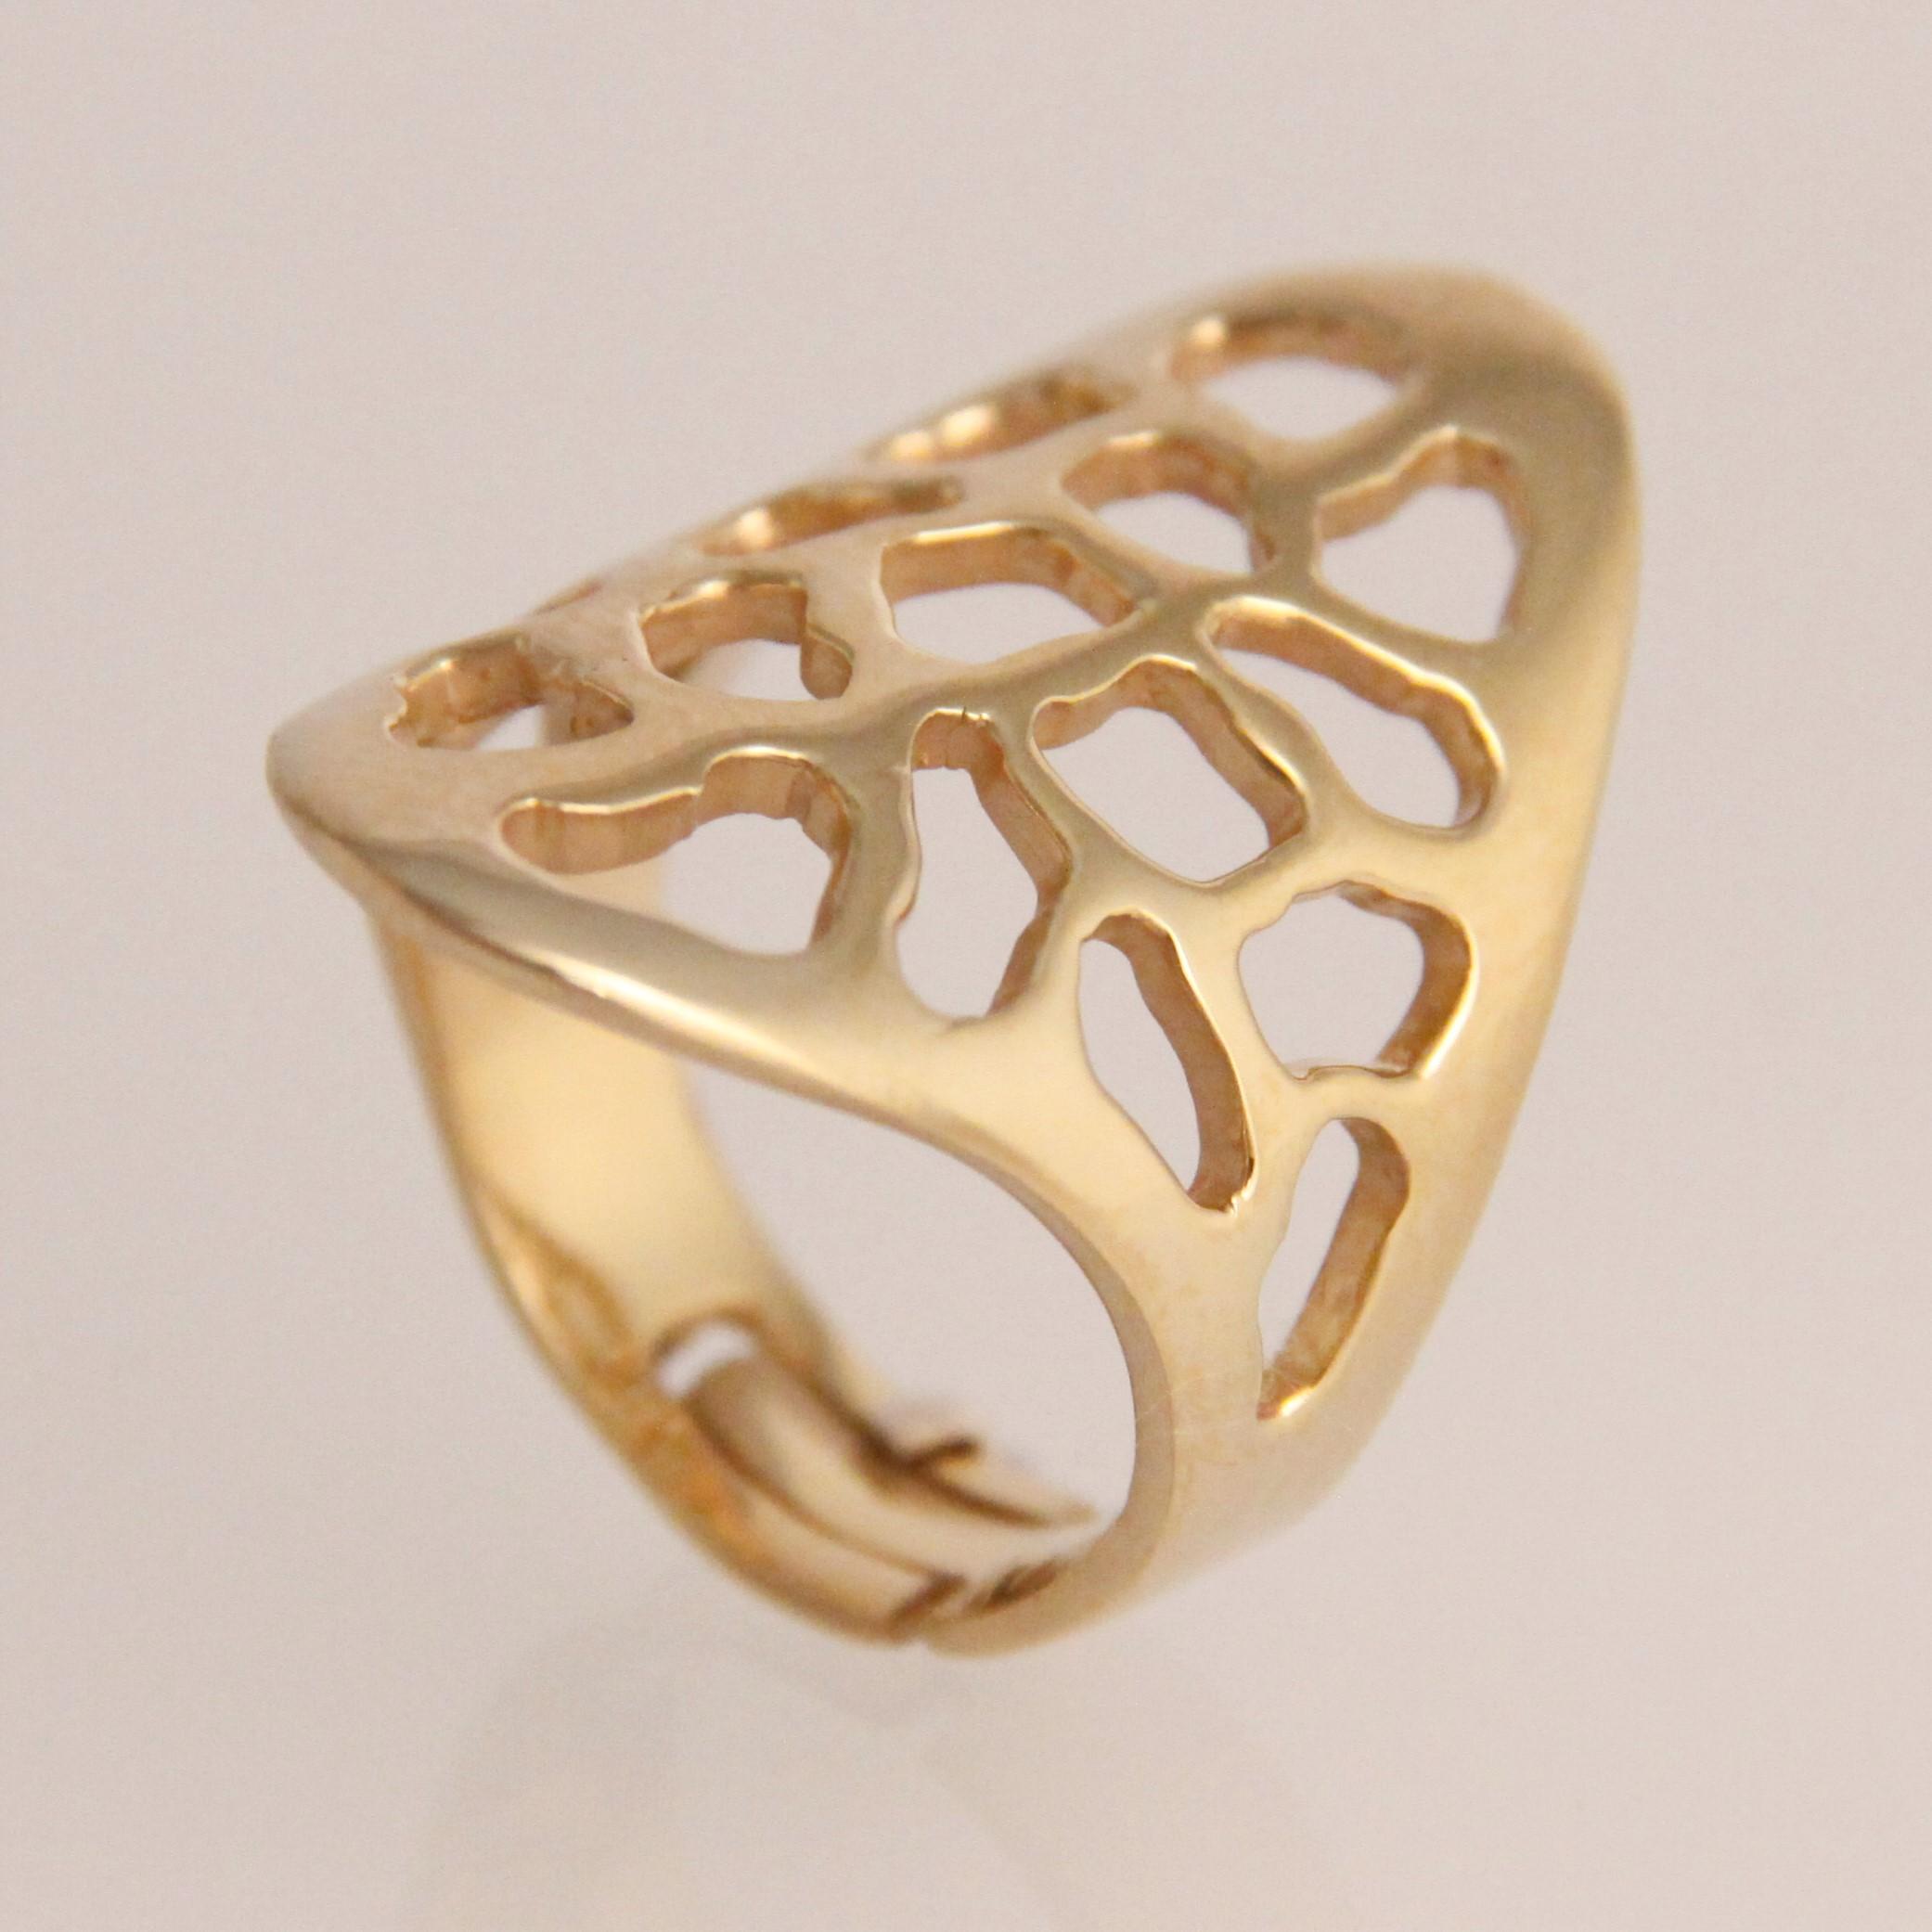 Bronzen Sieraden Jos - opengewerkte ring verguld